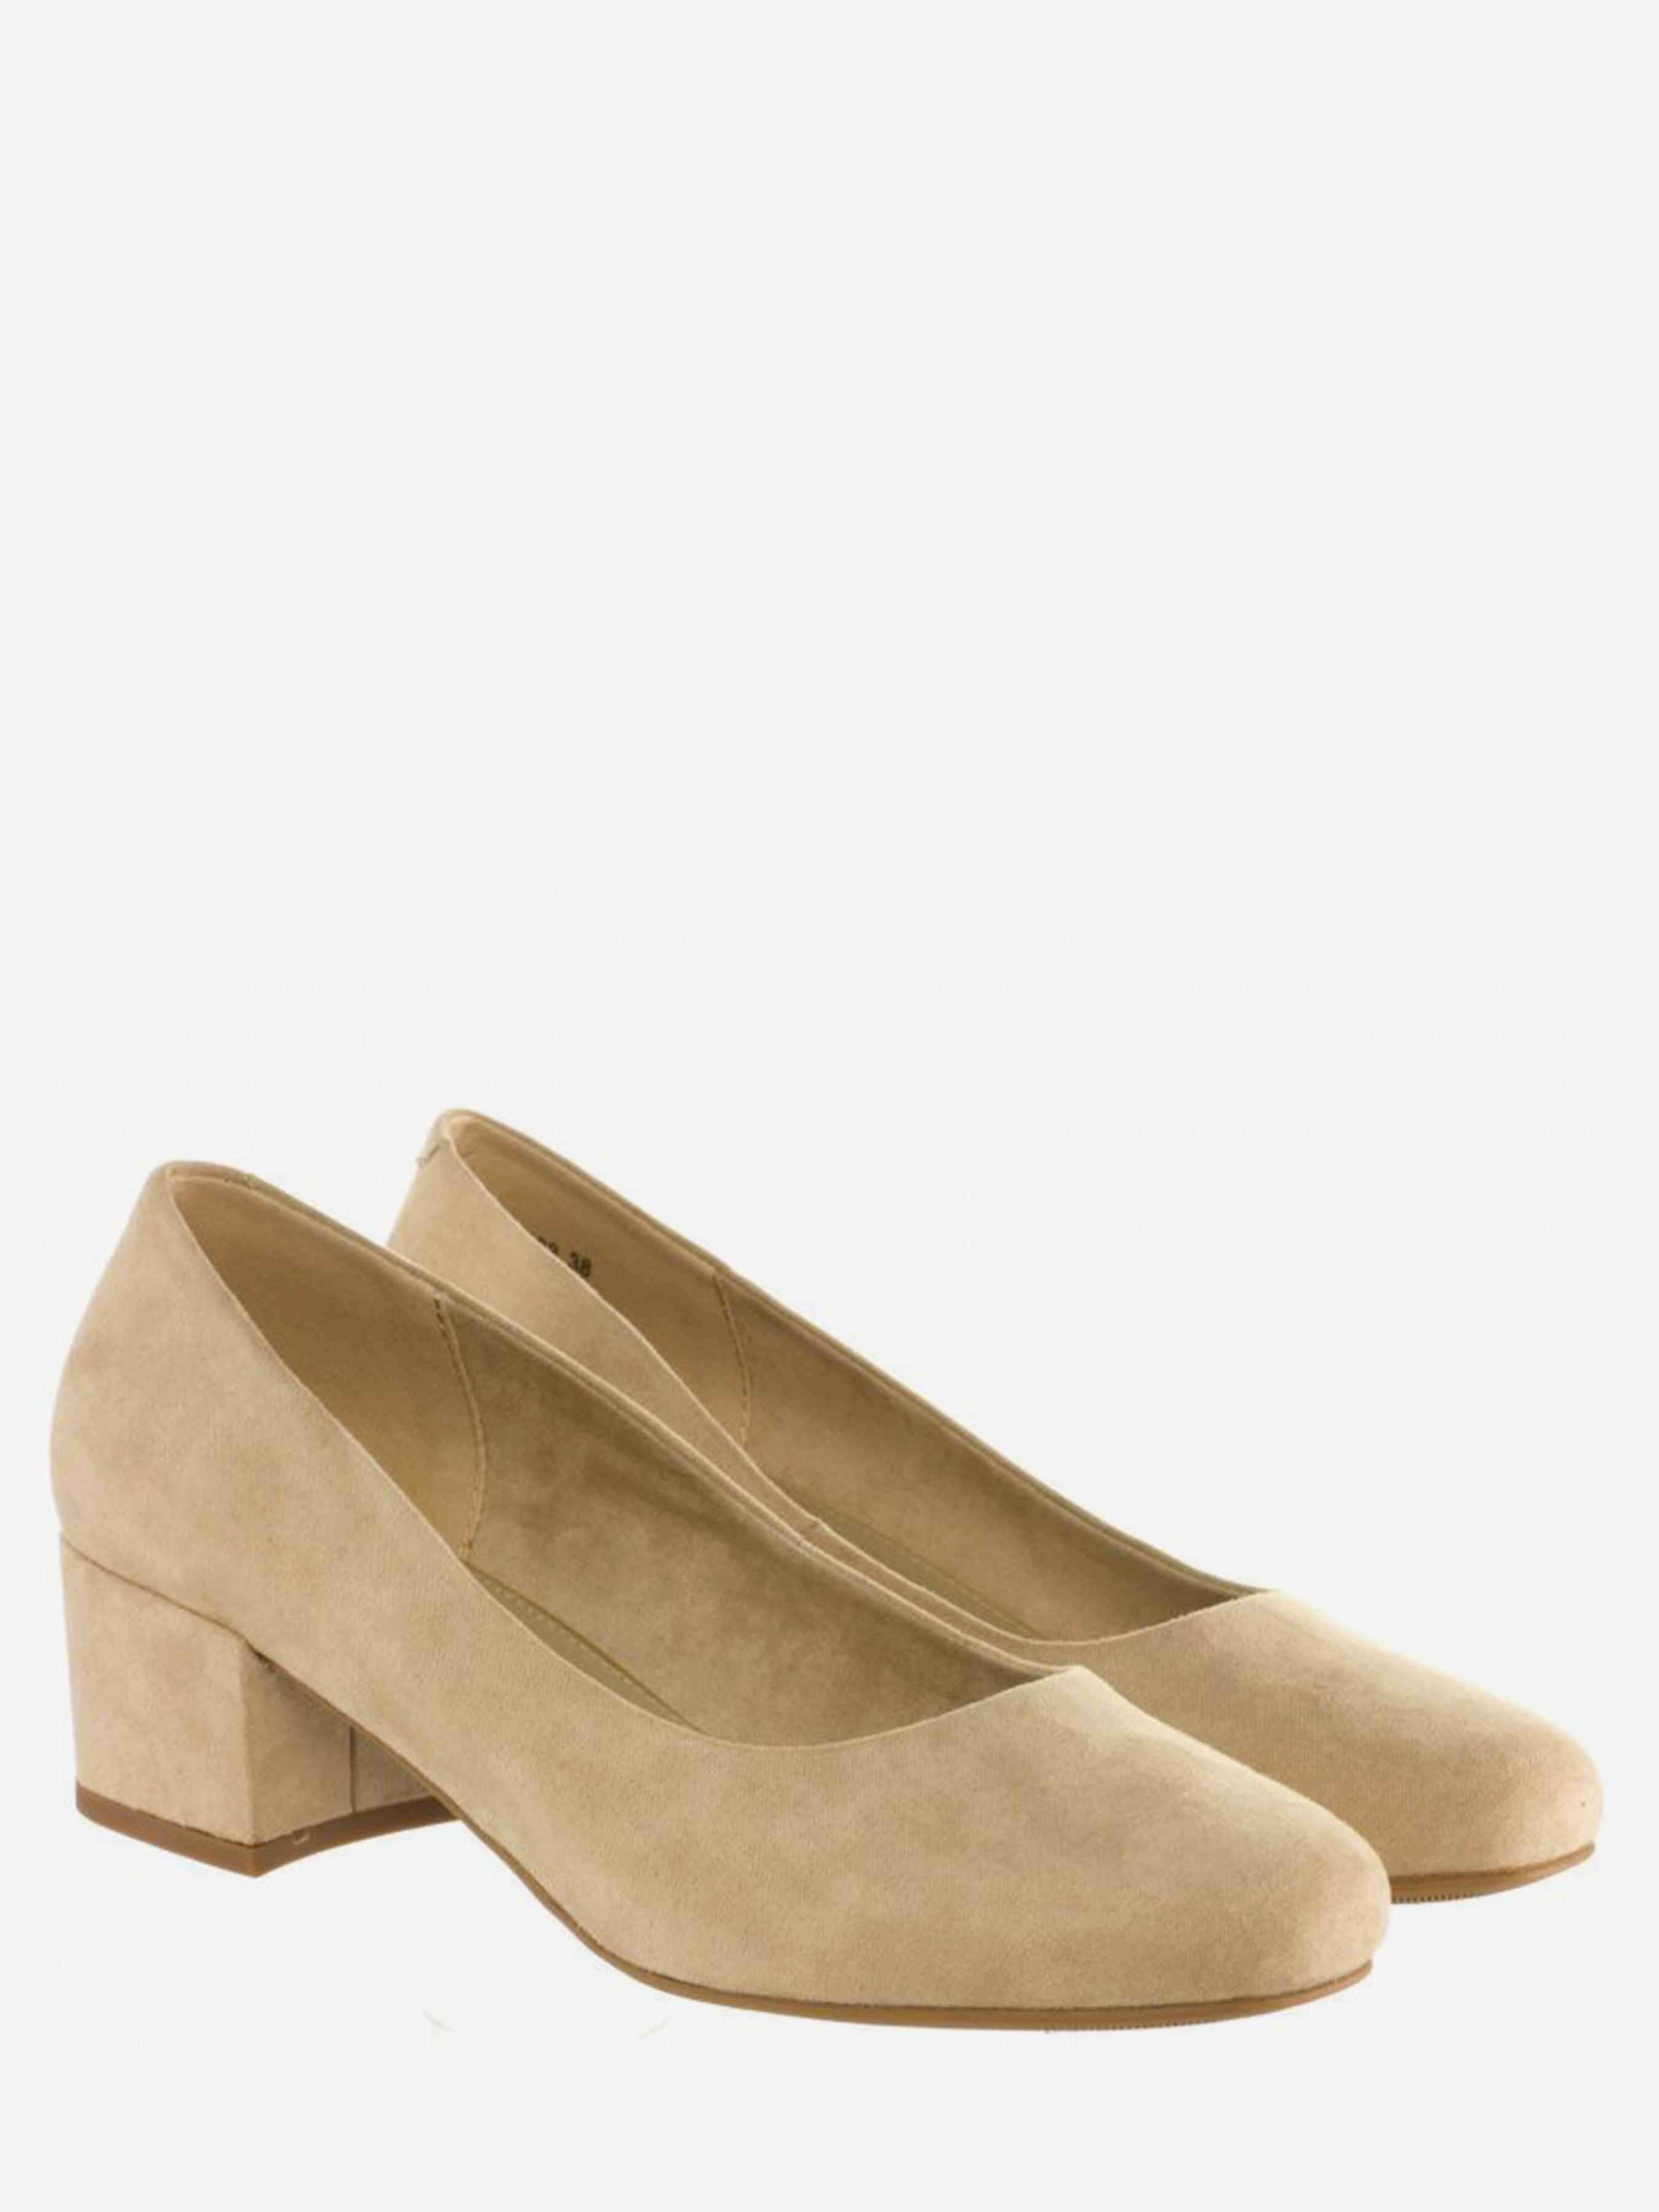 Туфли для женщин M Wone 305483 цена, 2017